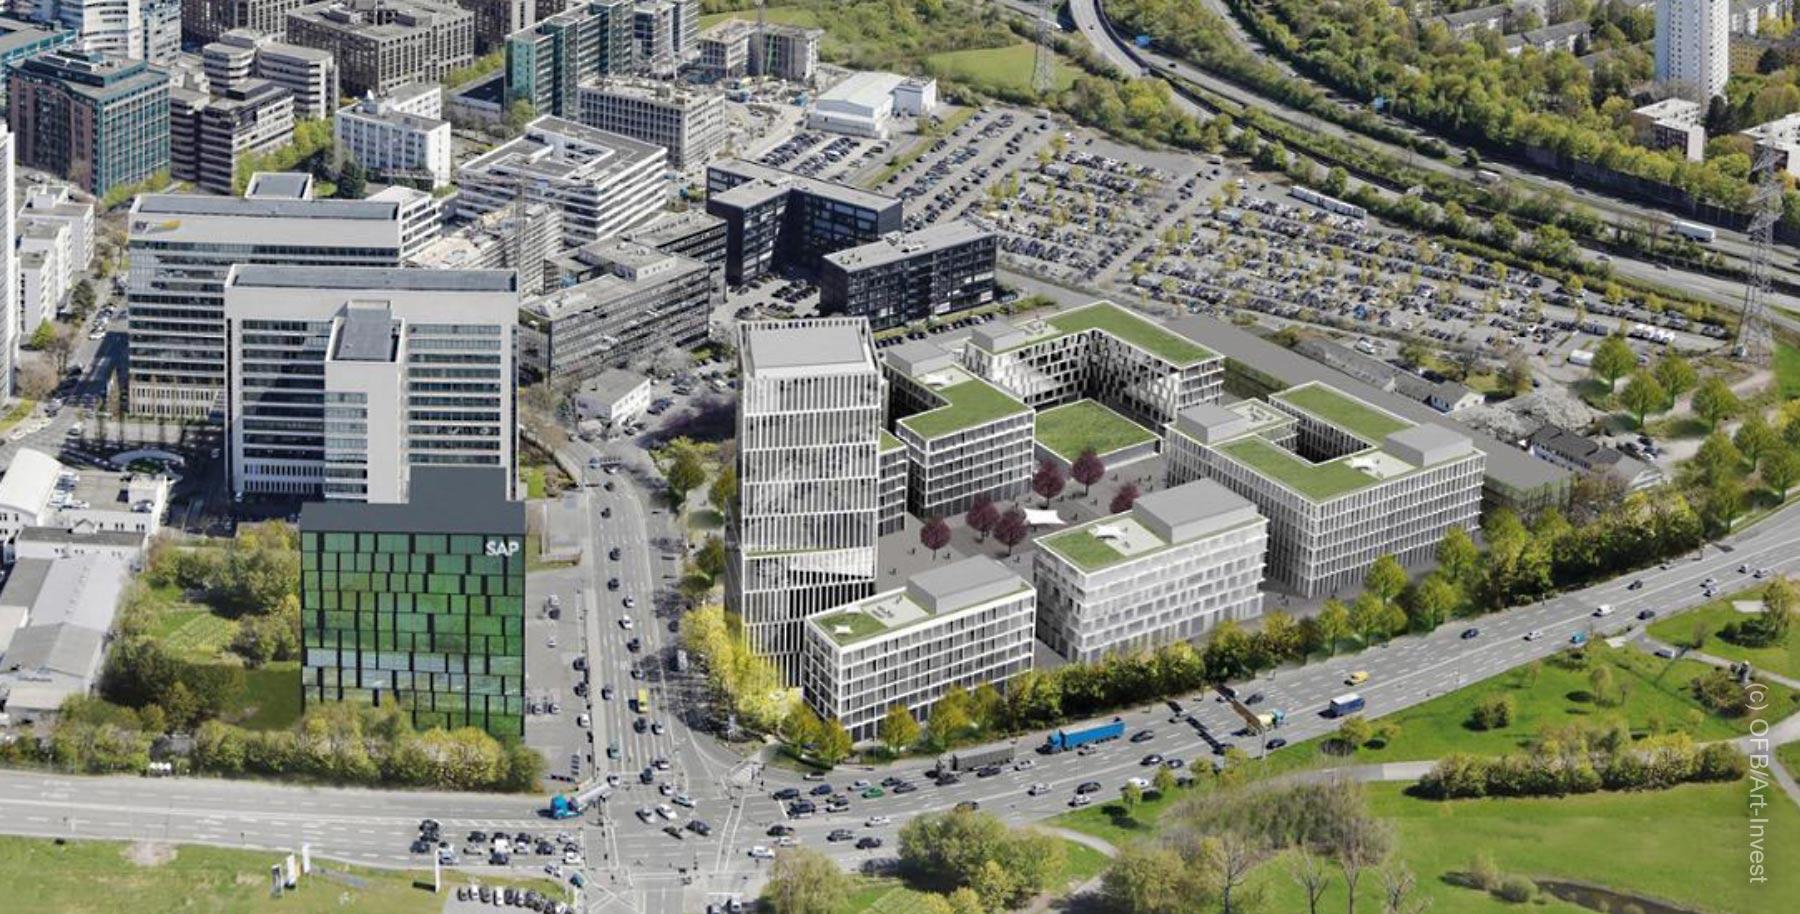 Eschborn Gate - Planned office complex in Eschborn